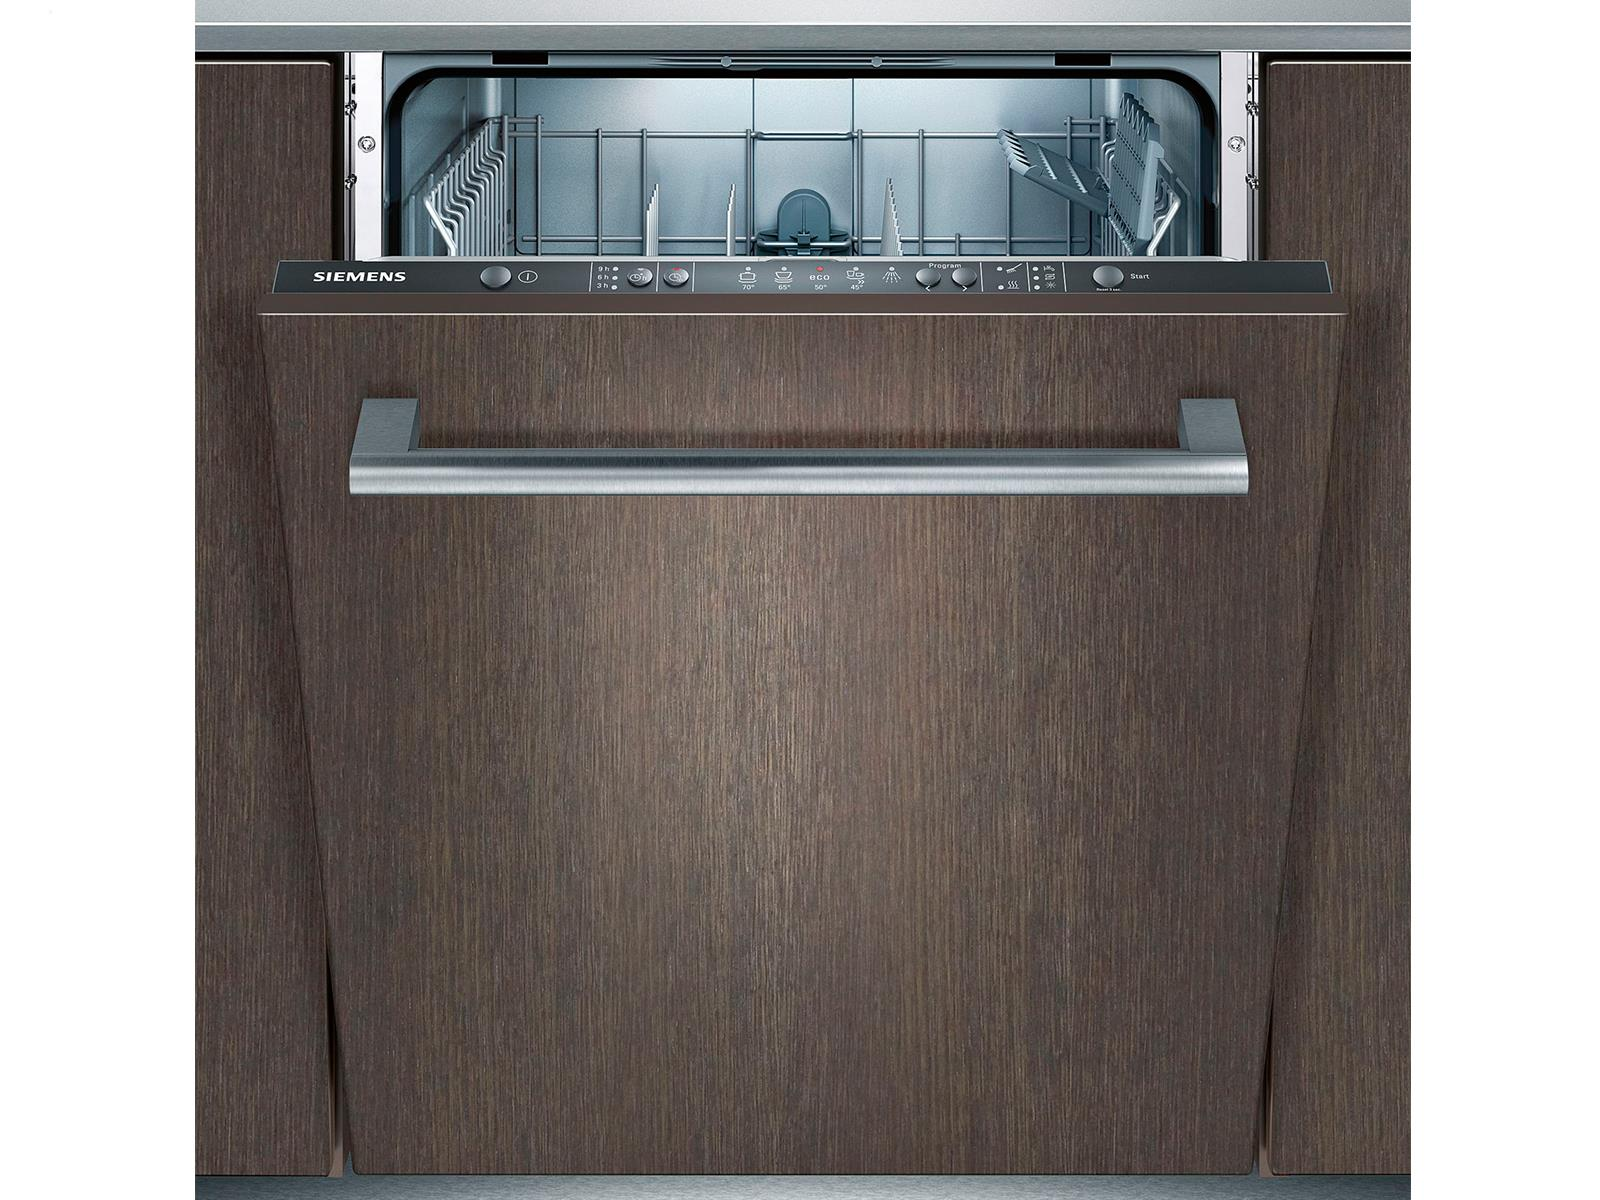 Siemens Kühlschrank Undicht : Siemens kühlschrank undicht probleme mit dem kühlschrank erkennen